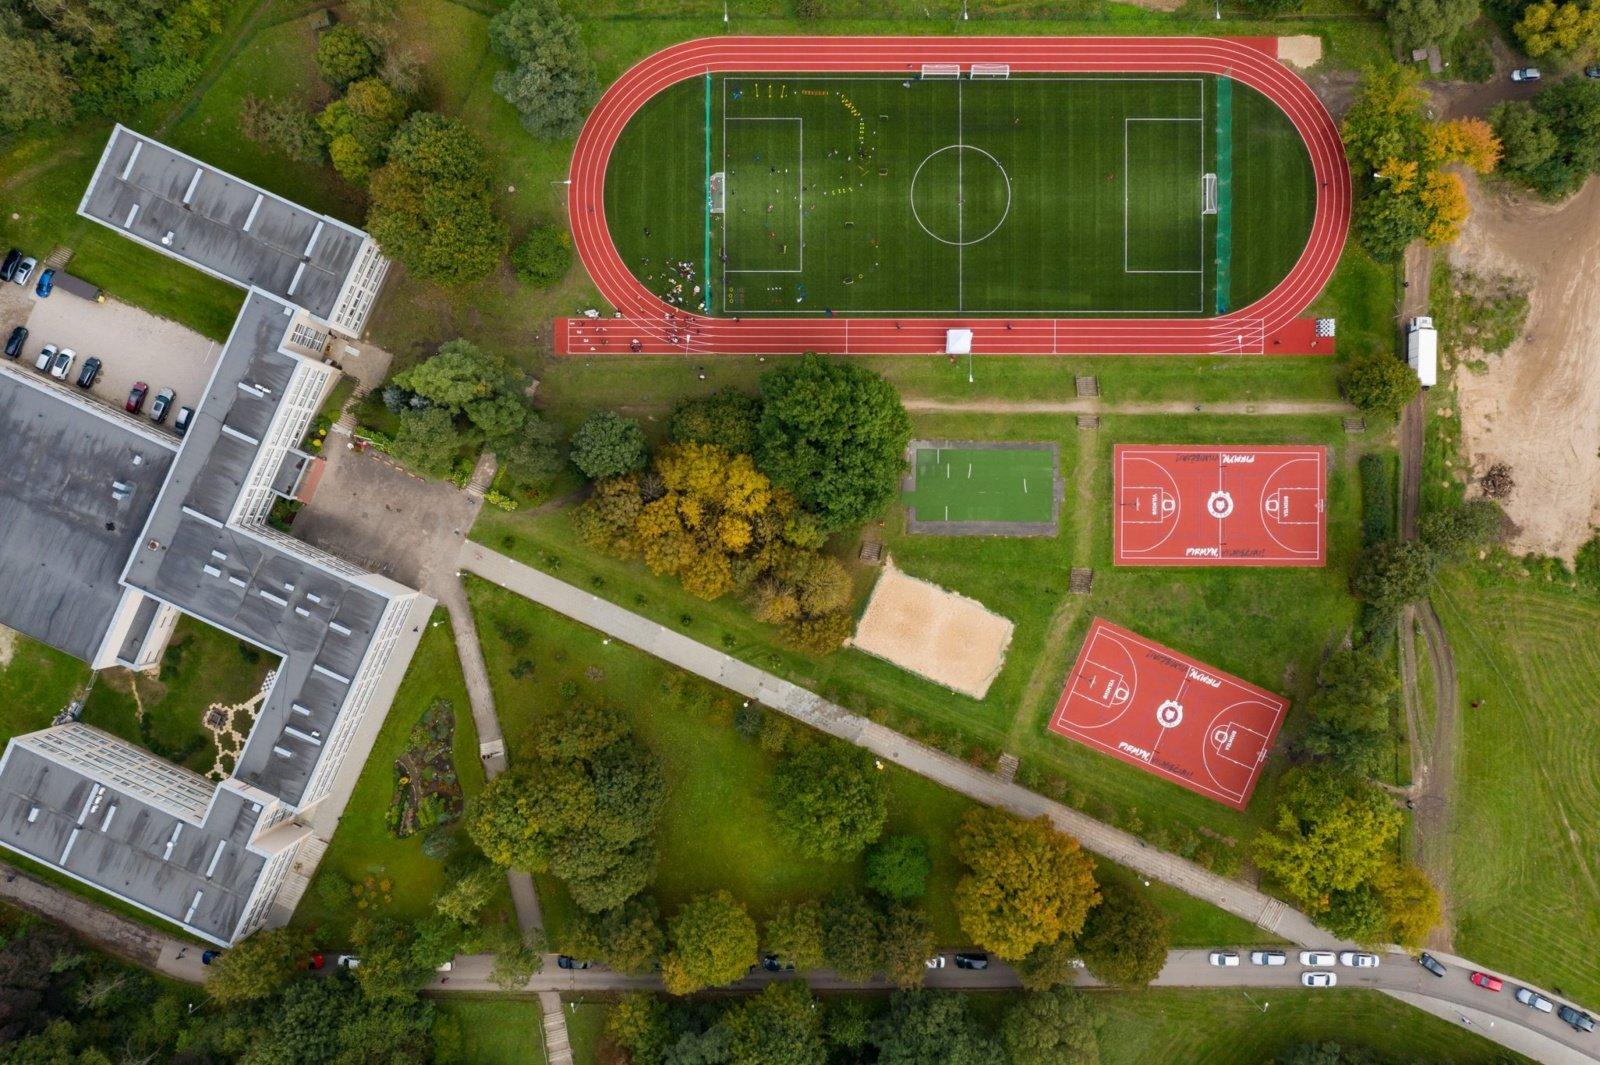 Žirmūnuose atidaroma dar viena sporto erdvė: atnaujintas E. Pliaterytės progimnazijos aikštynas